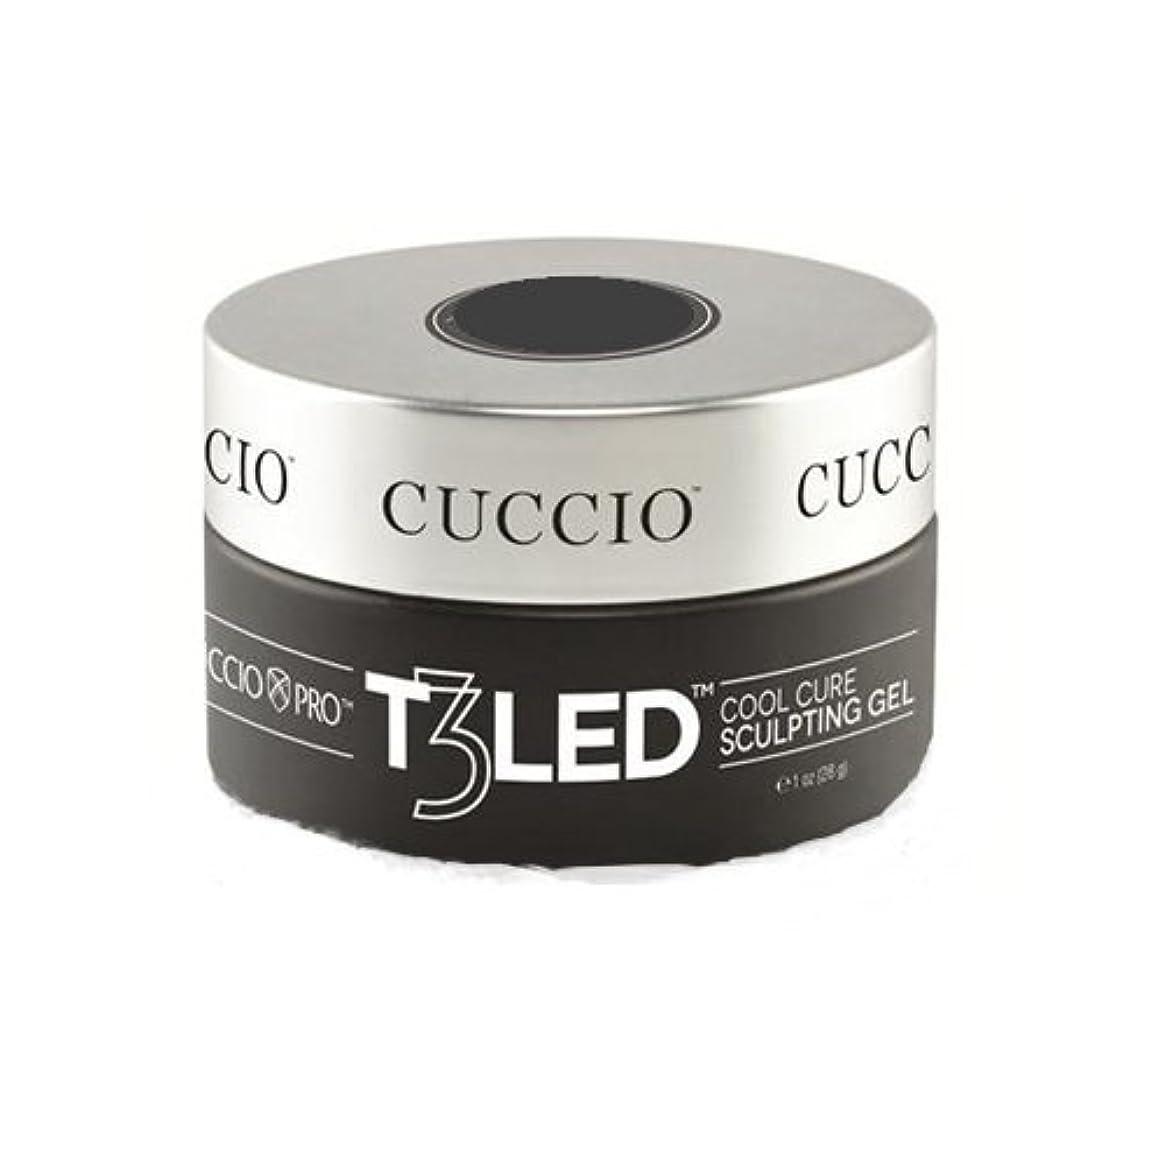 叙情的な心から宇宙船Cuccio Pro - T3 LED/UV Self- Leveling Gel - Pink - 2oz / 56g